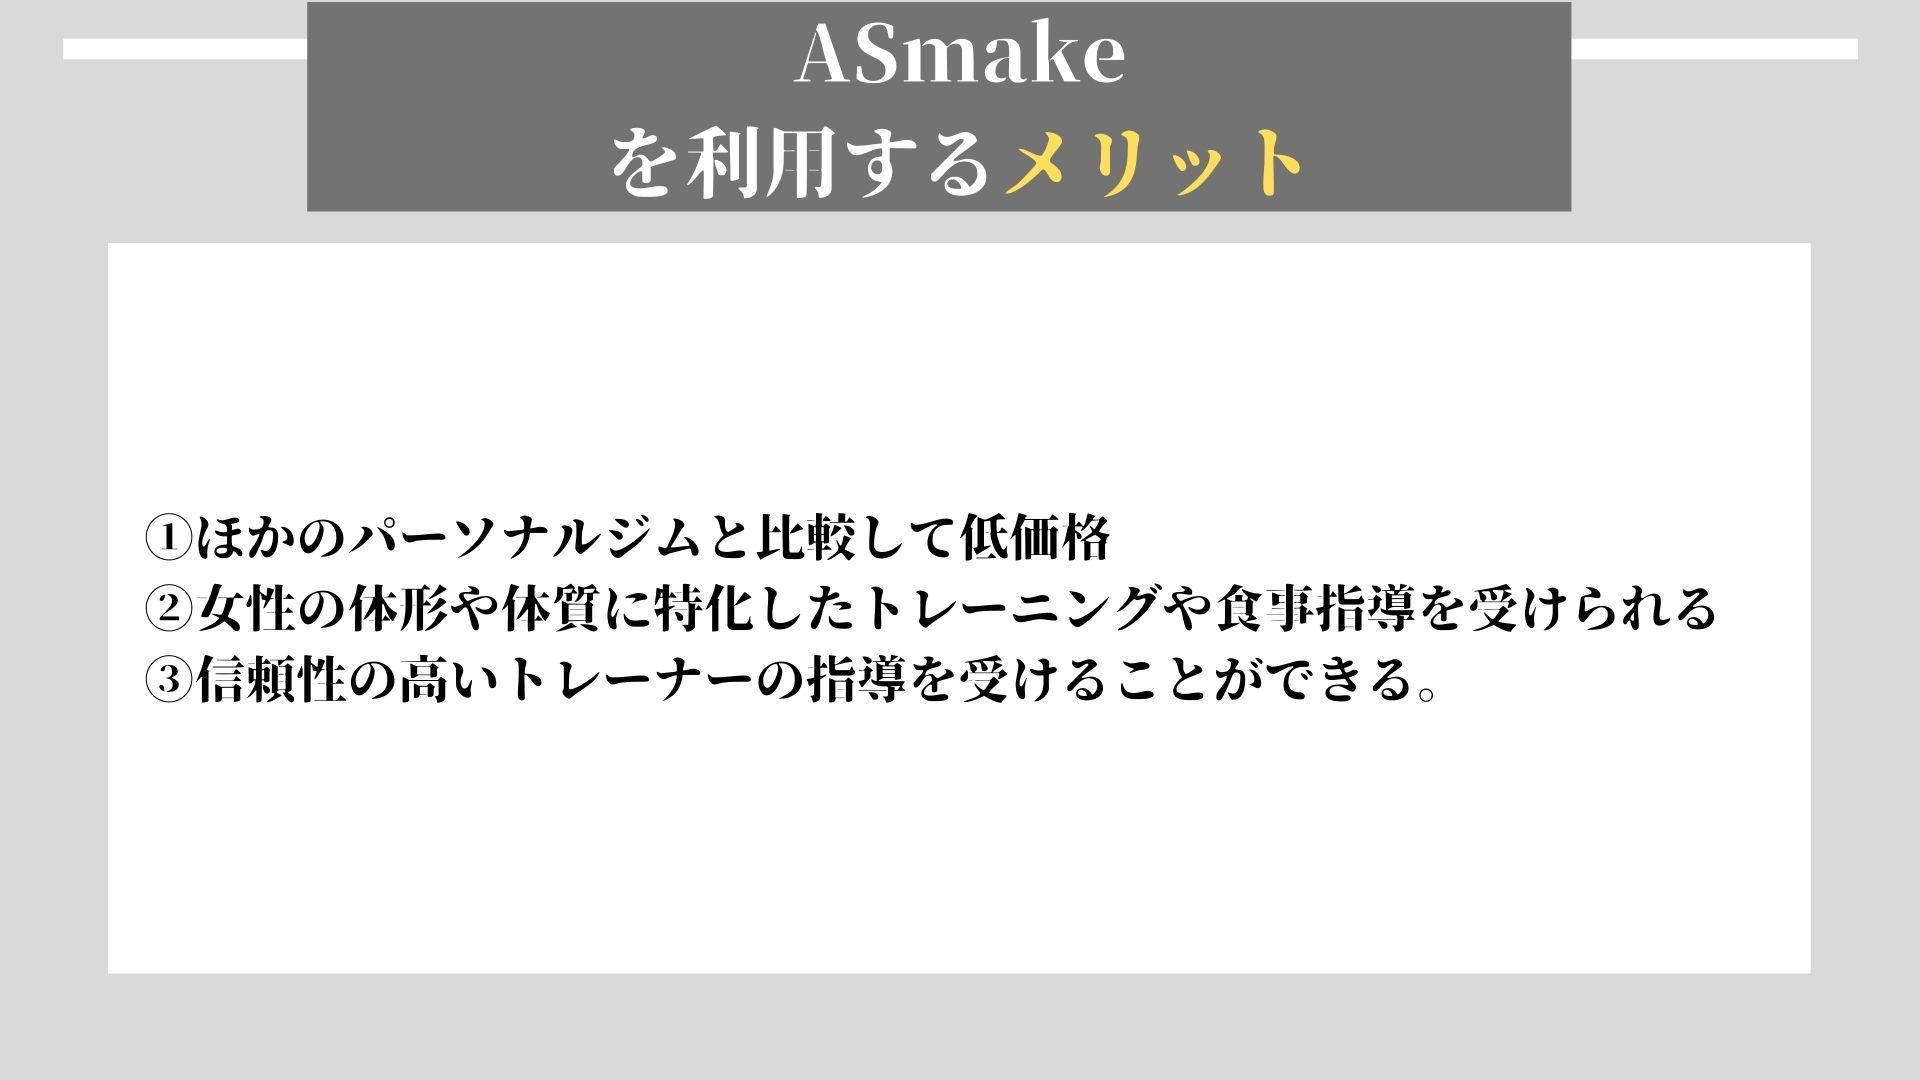 ASmake メリット